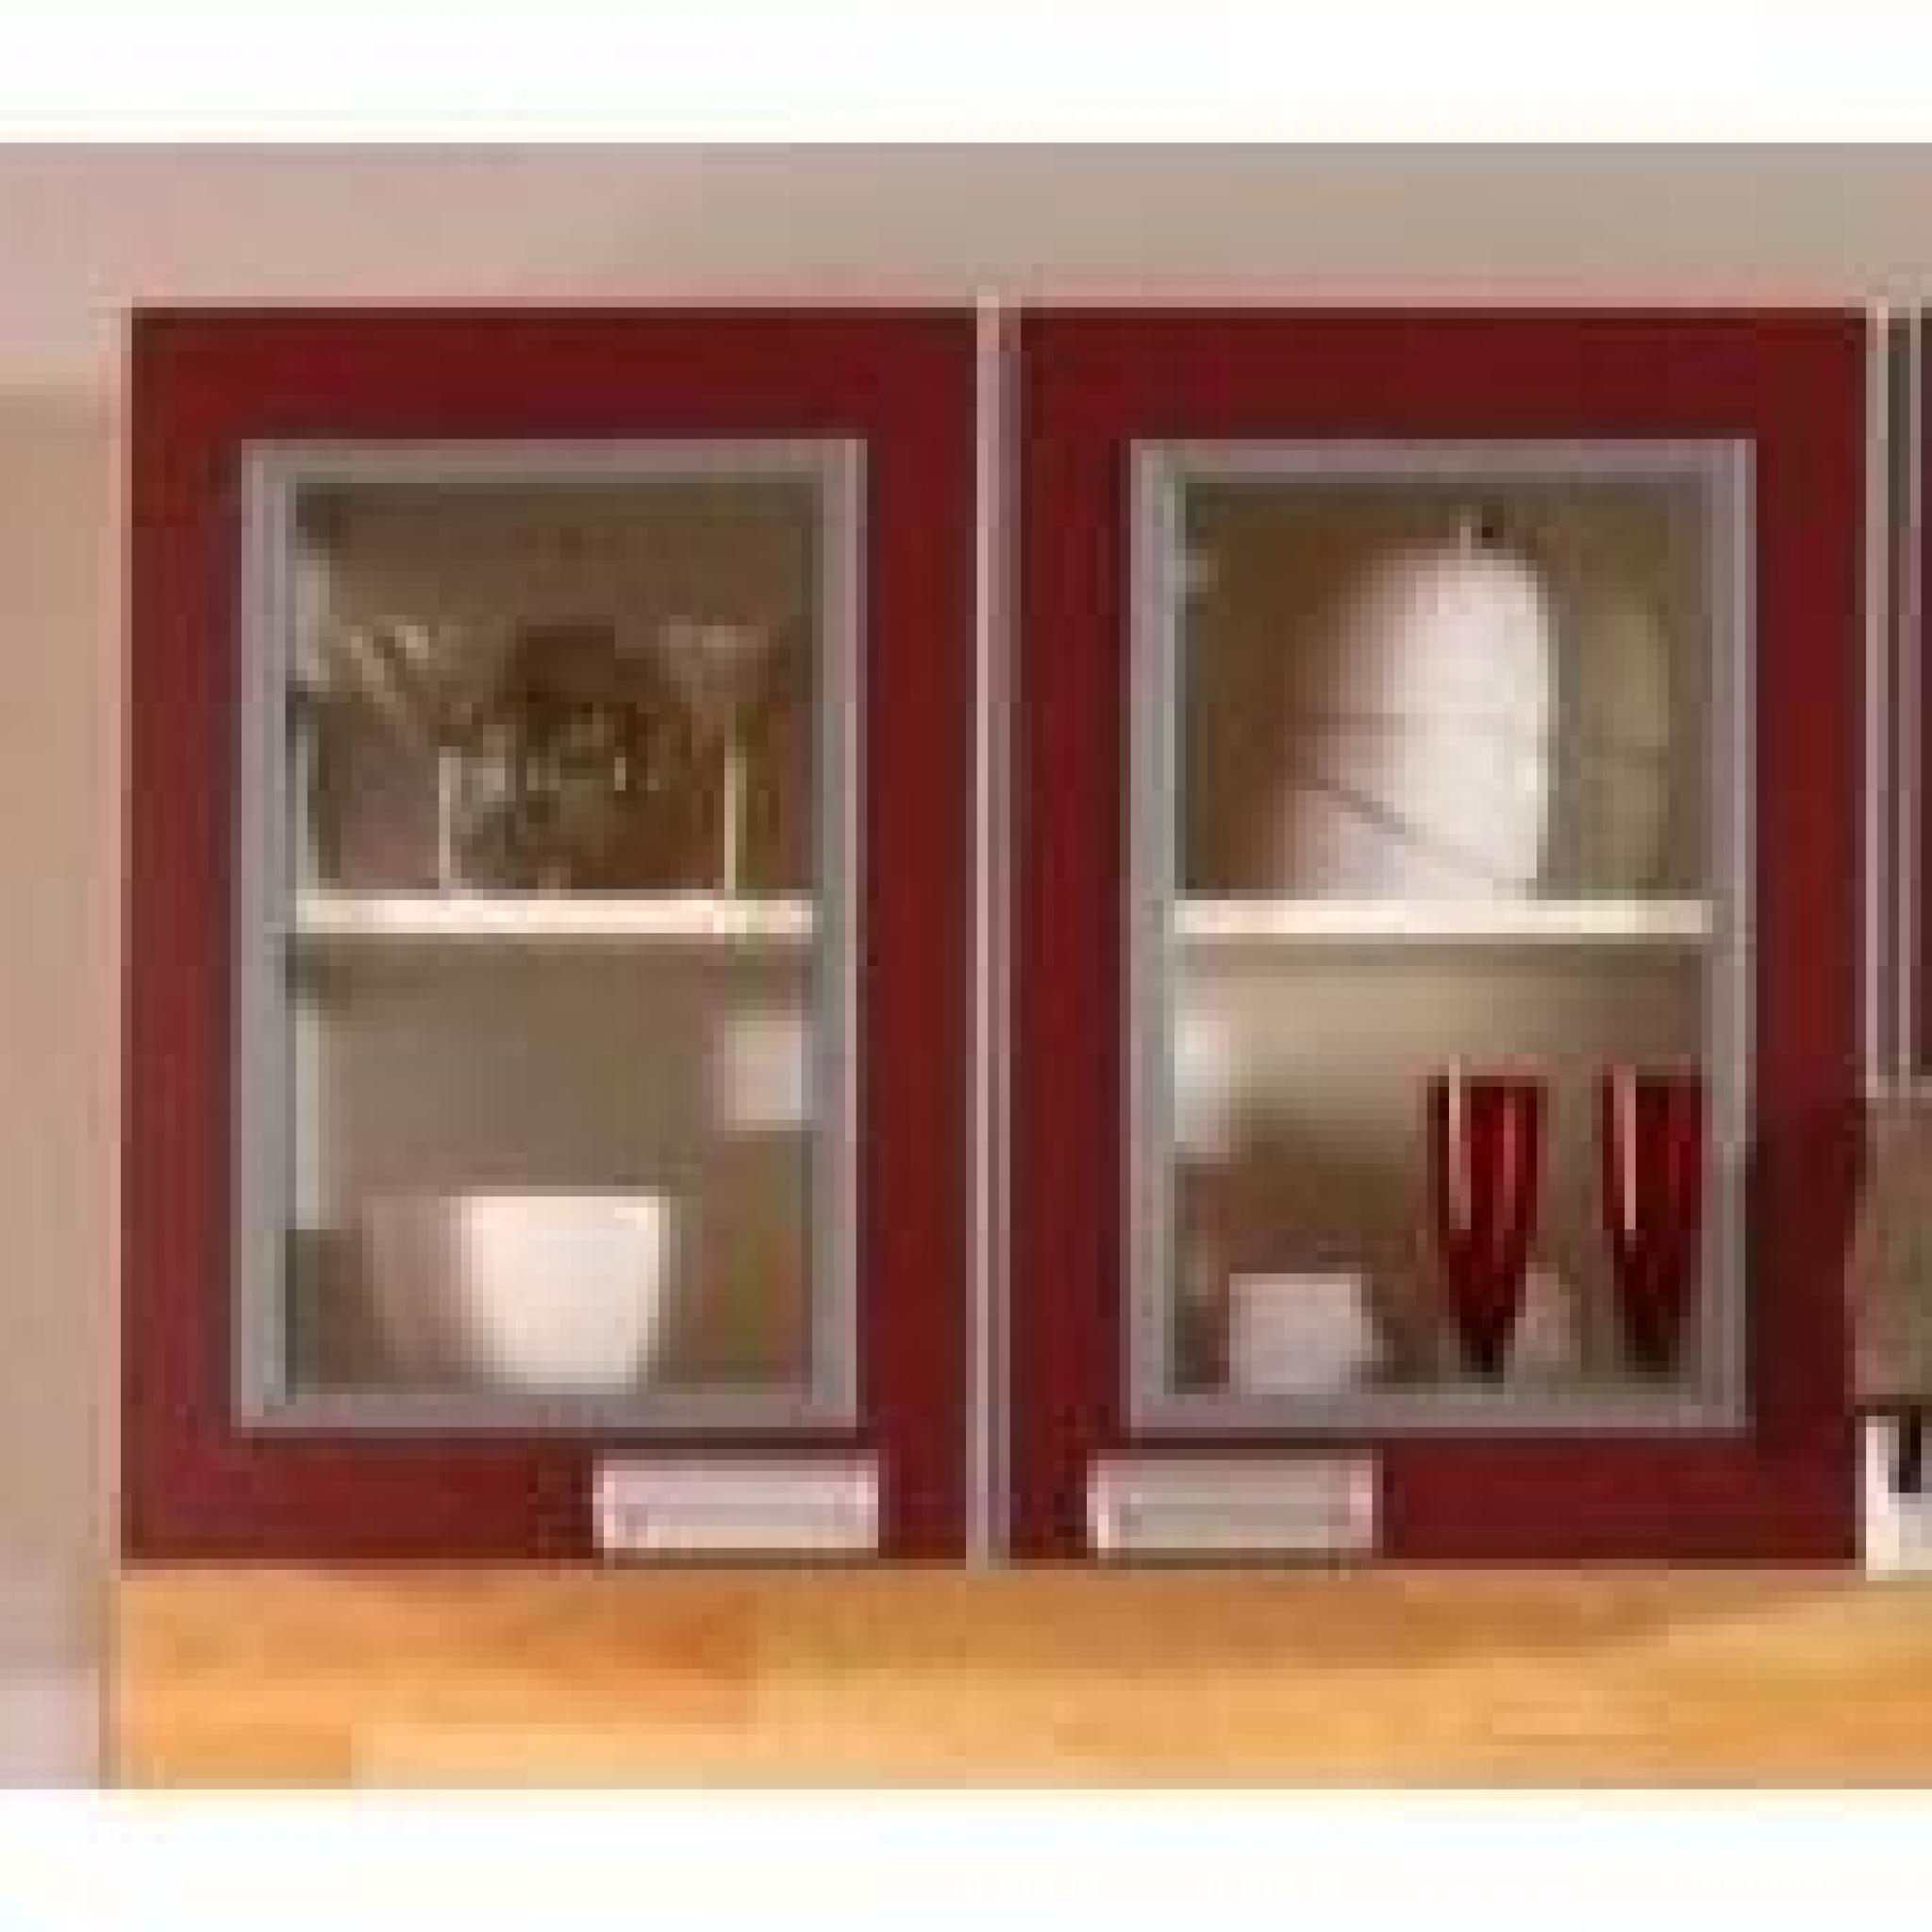 cuisine opale bordeaux 1m40 3 meubles achat vente cuisine complete pas cher couleur et. Black Bedroom Furniture Sets. Home Design Ideas